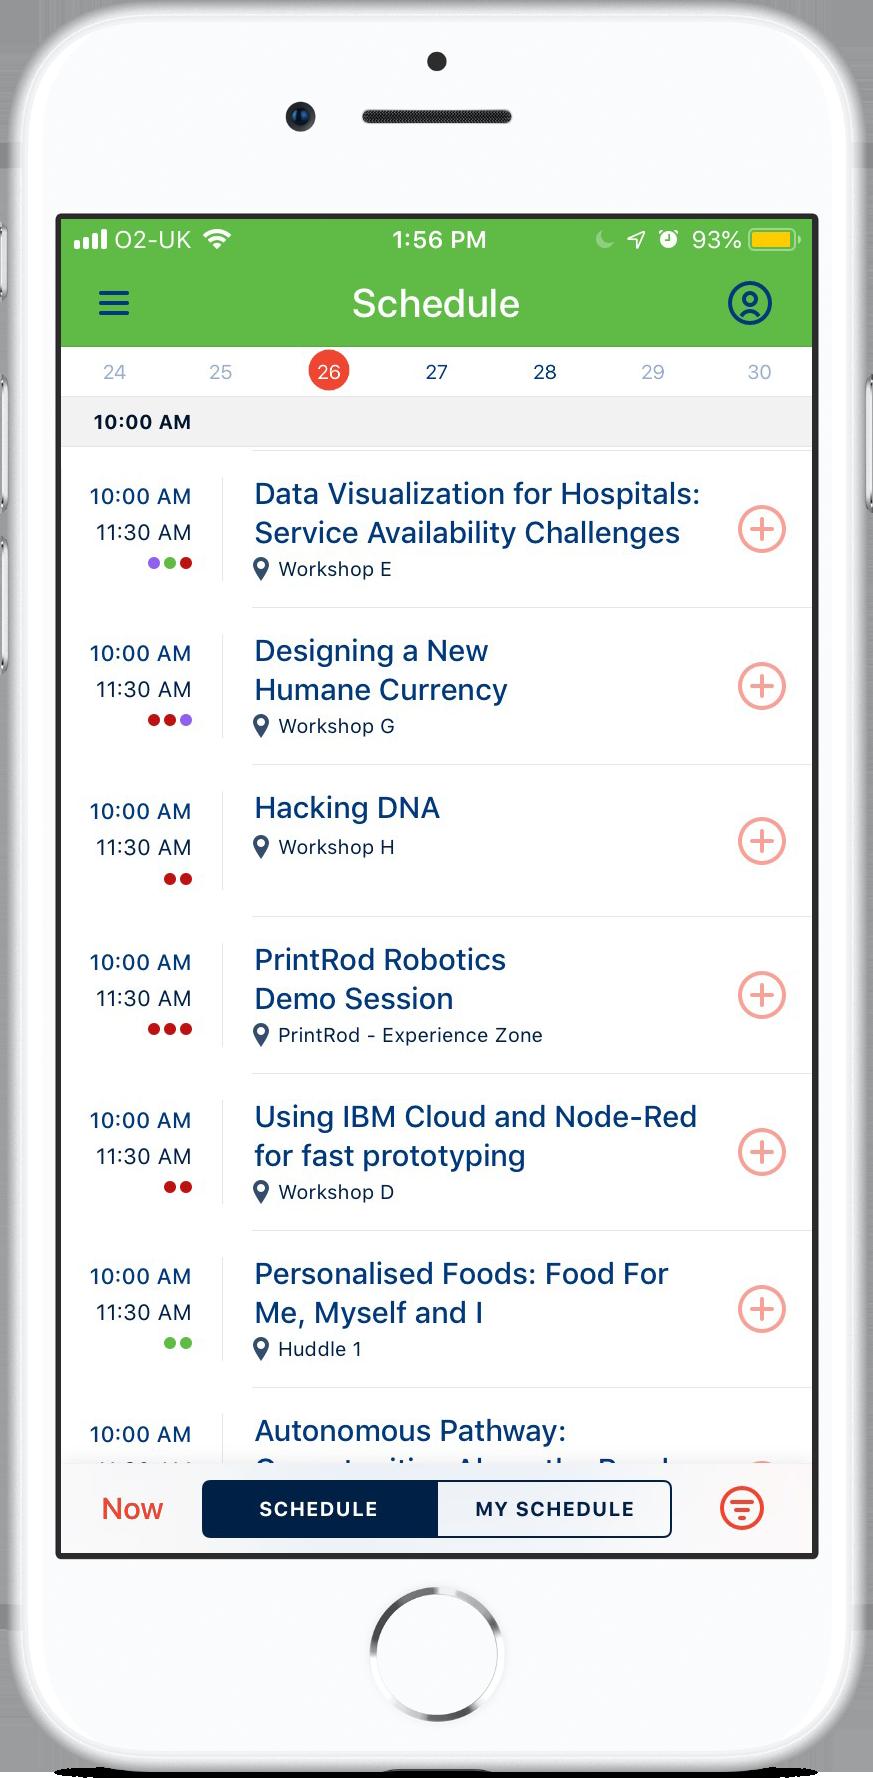 Hack Belgium App - Day 1 Schedule.png